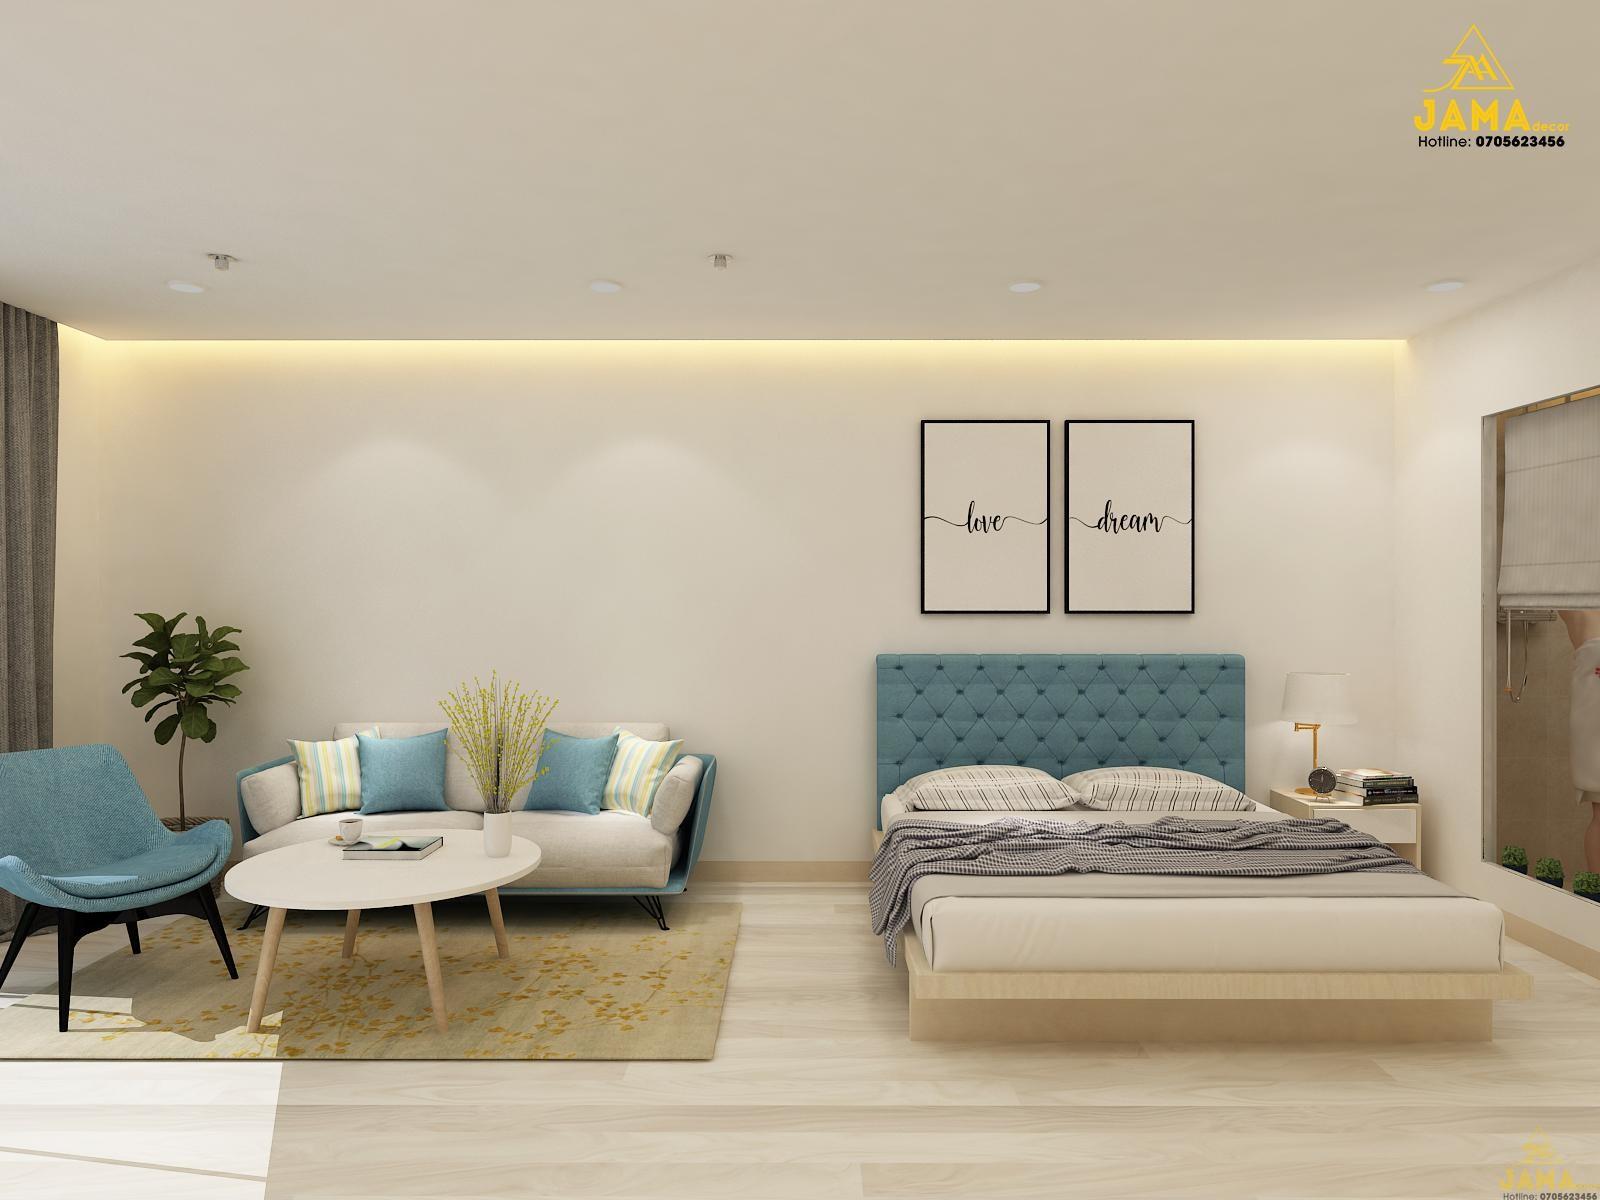 Thiết kế nội thất căn hộ studio Gold Coast Nha Trang.